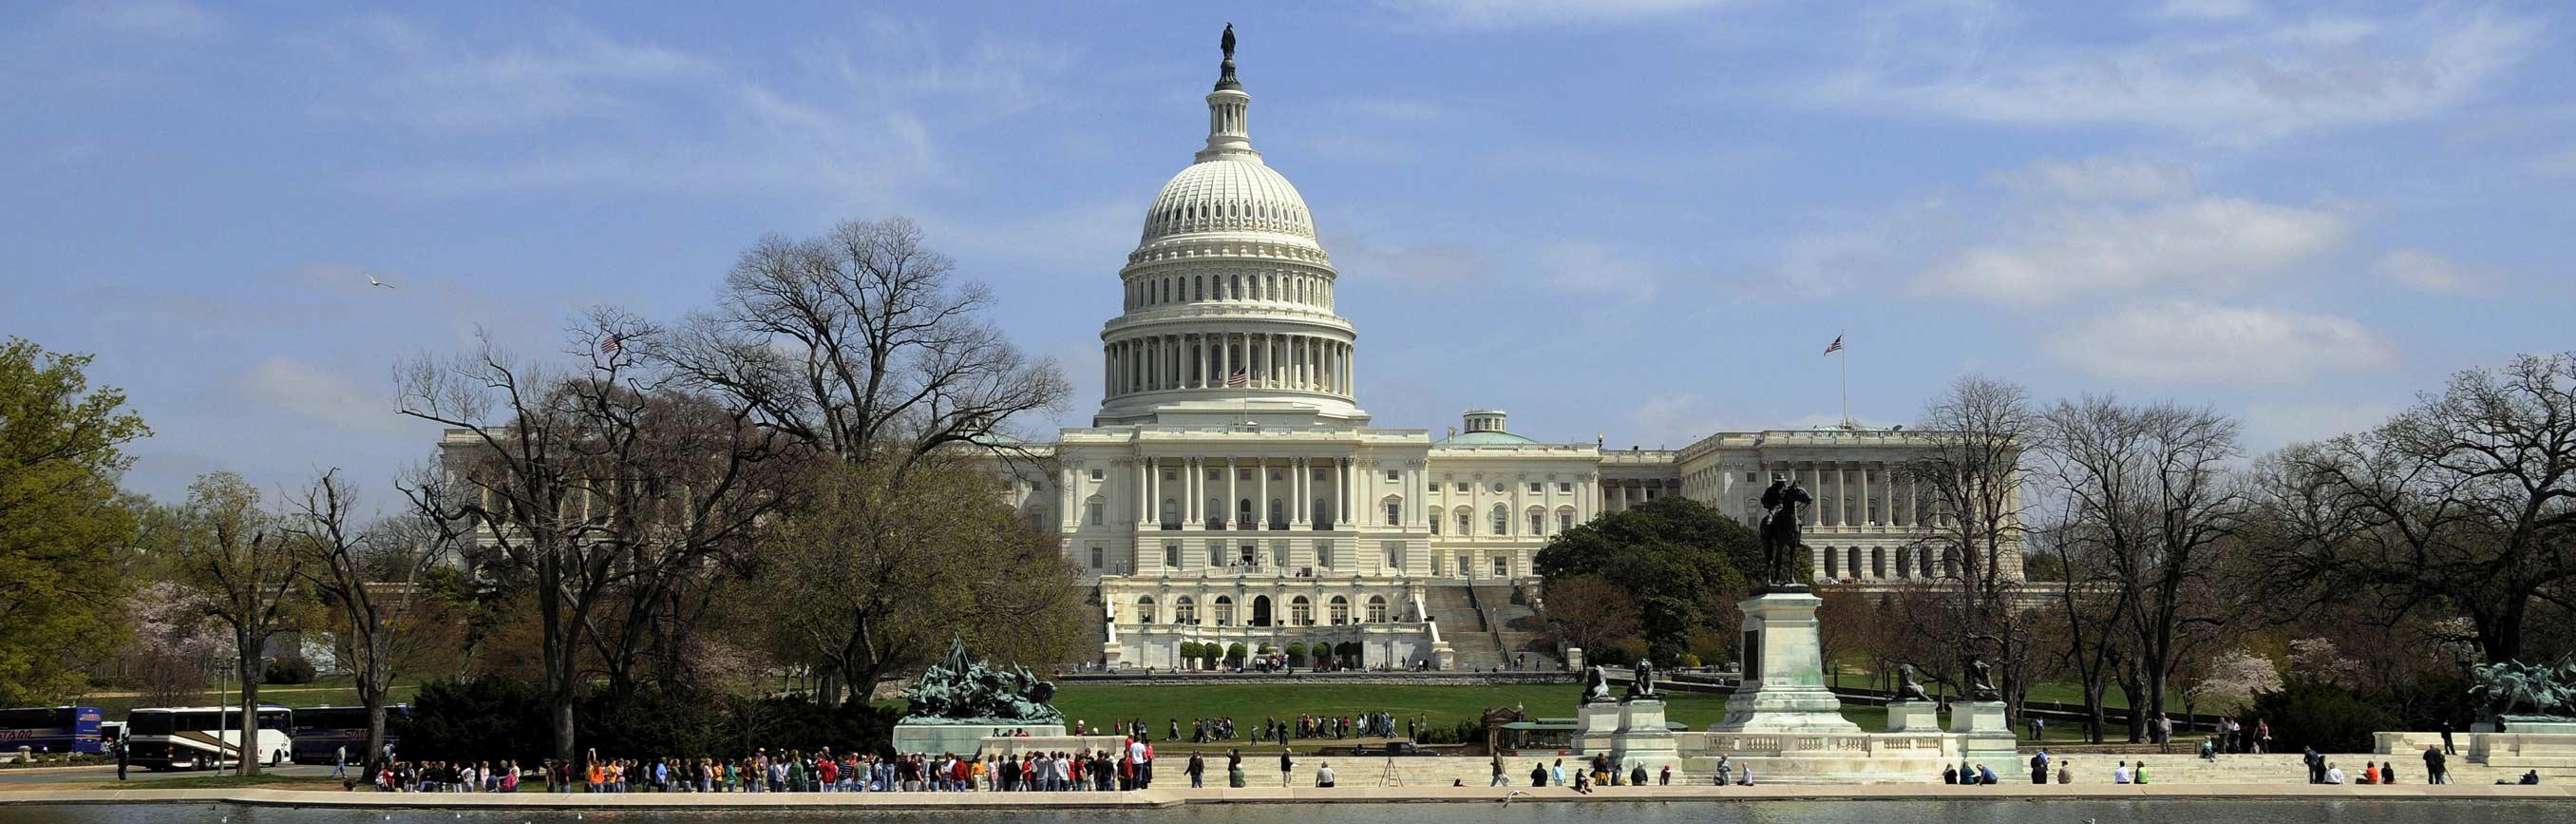 us-capitol-call-congress